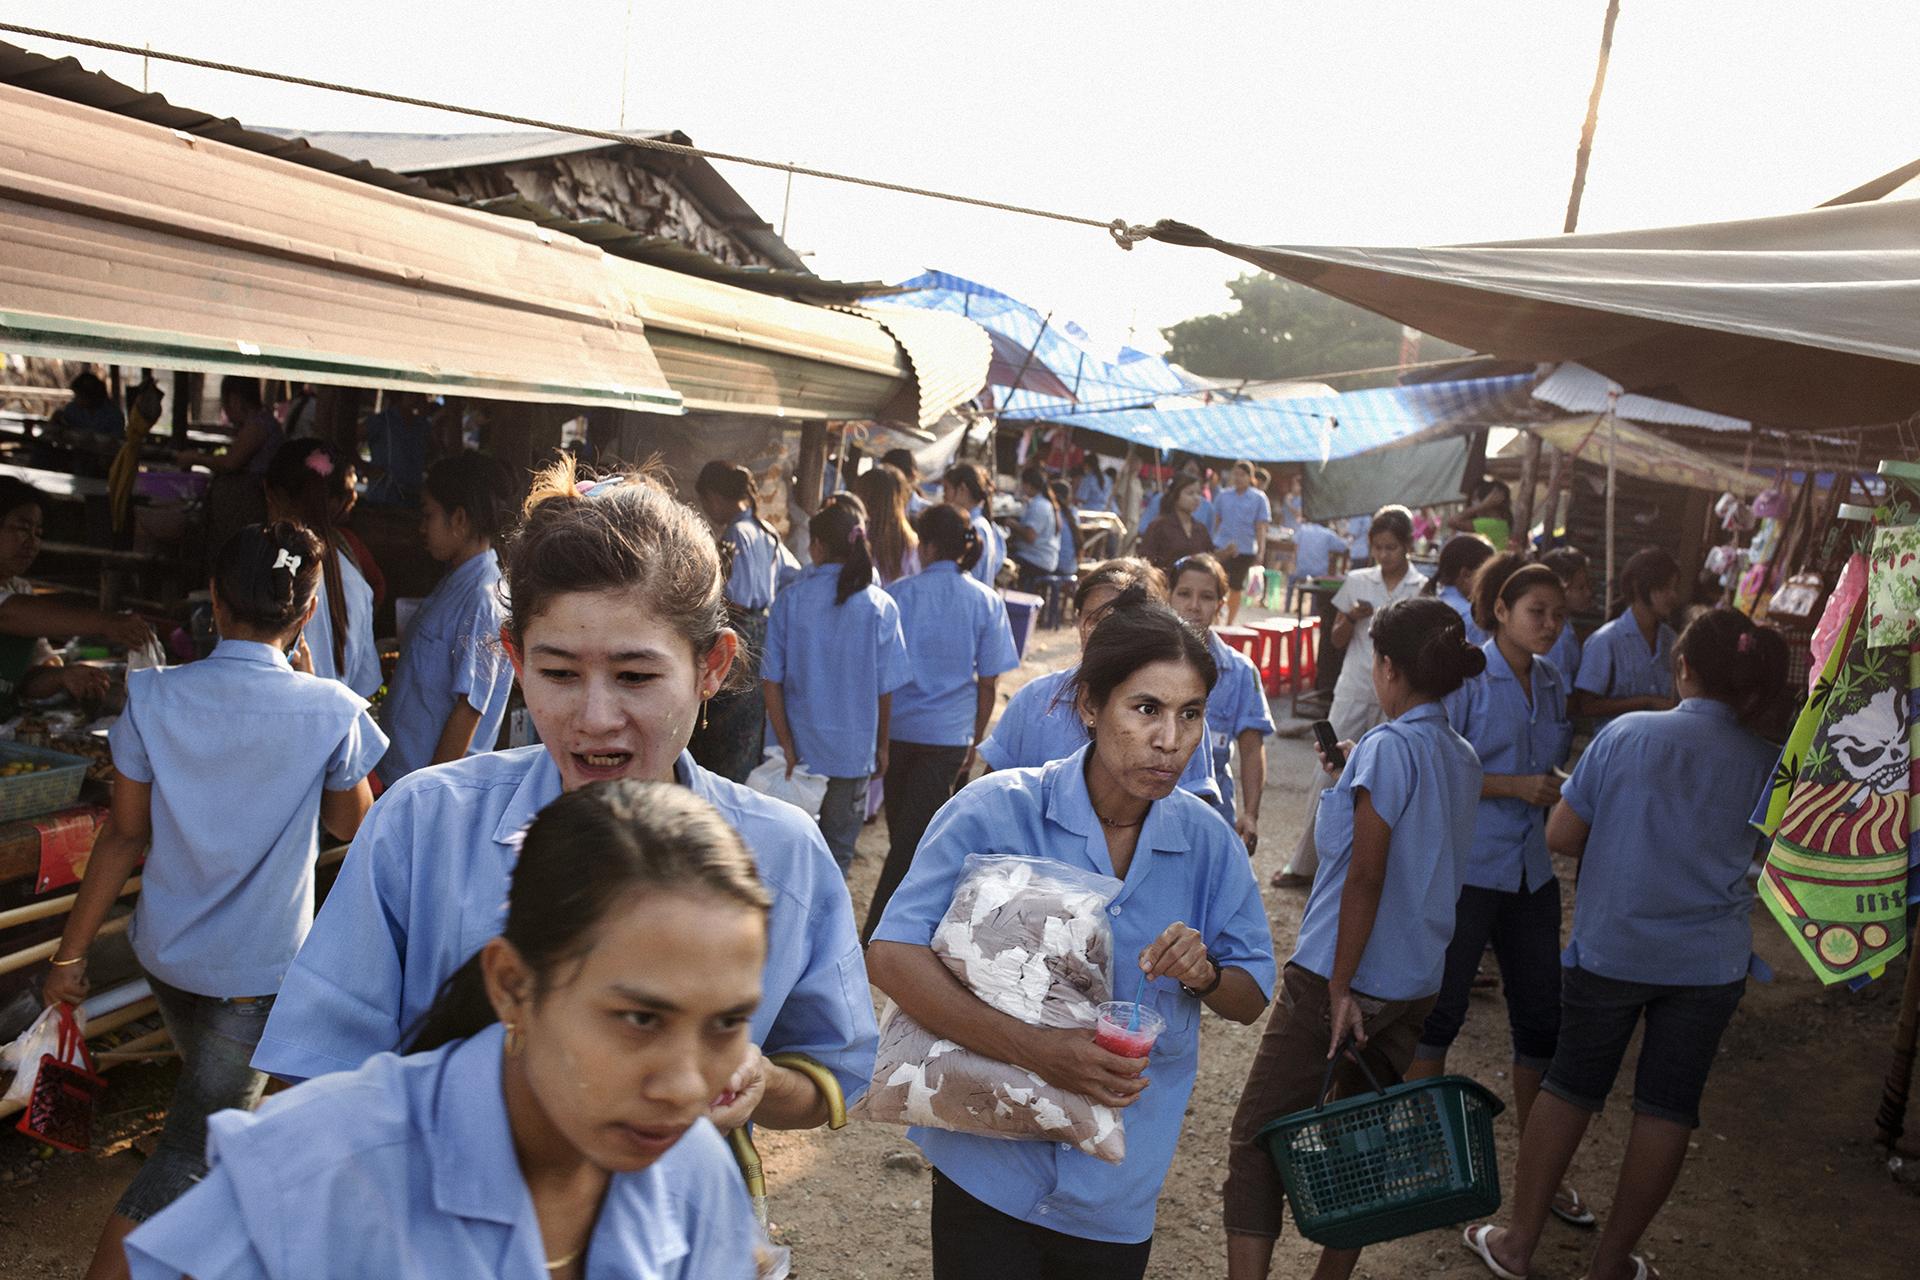 Des ouvrières font le marché pendant leur pause à quelques mètres de leur usine. La province de Tak est une «zone économique spéciale», où le droit du travail est rarement respecté envers les travailleurs birmans. Les entreprises thaïes jouissent entre autres d'avantages fiscaux pour s'implanter dans la province.Mae Sot, Thaïlande, octobre 2014